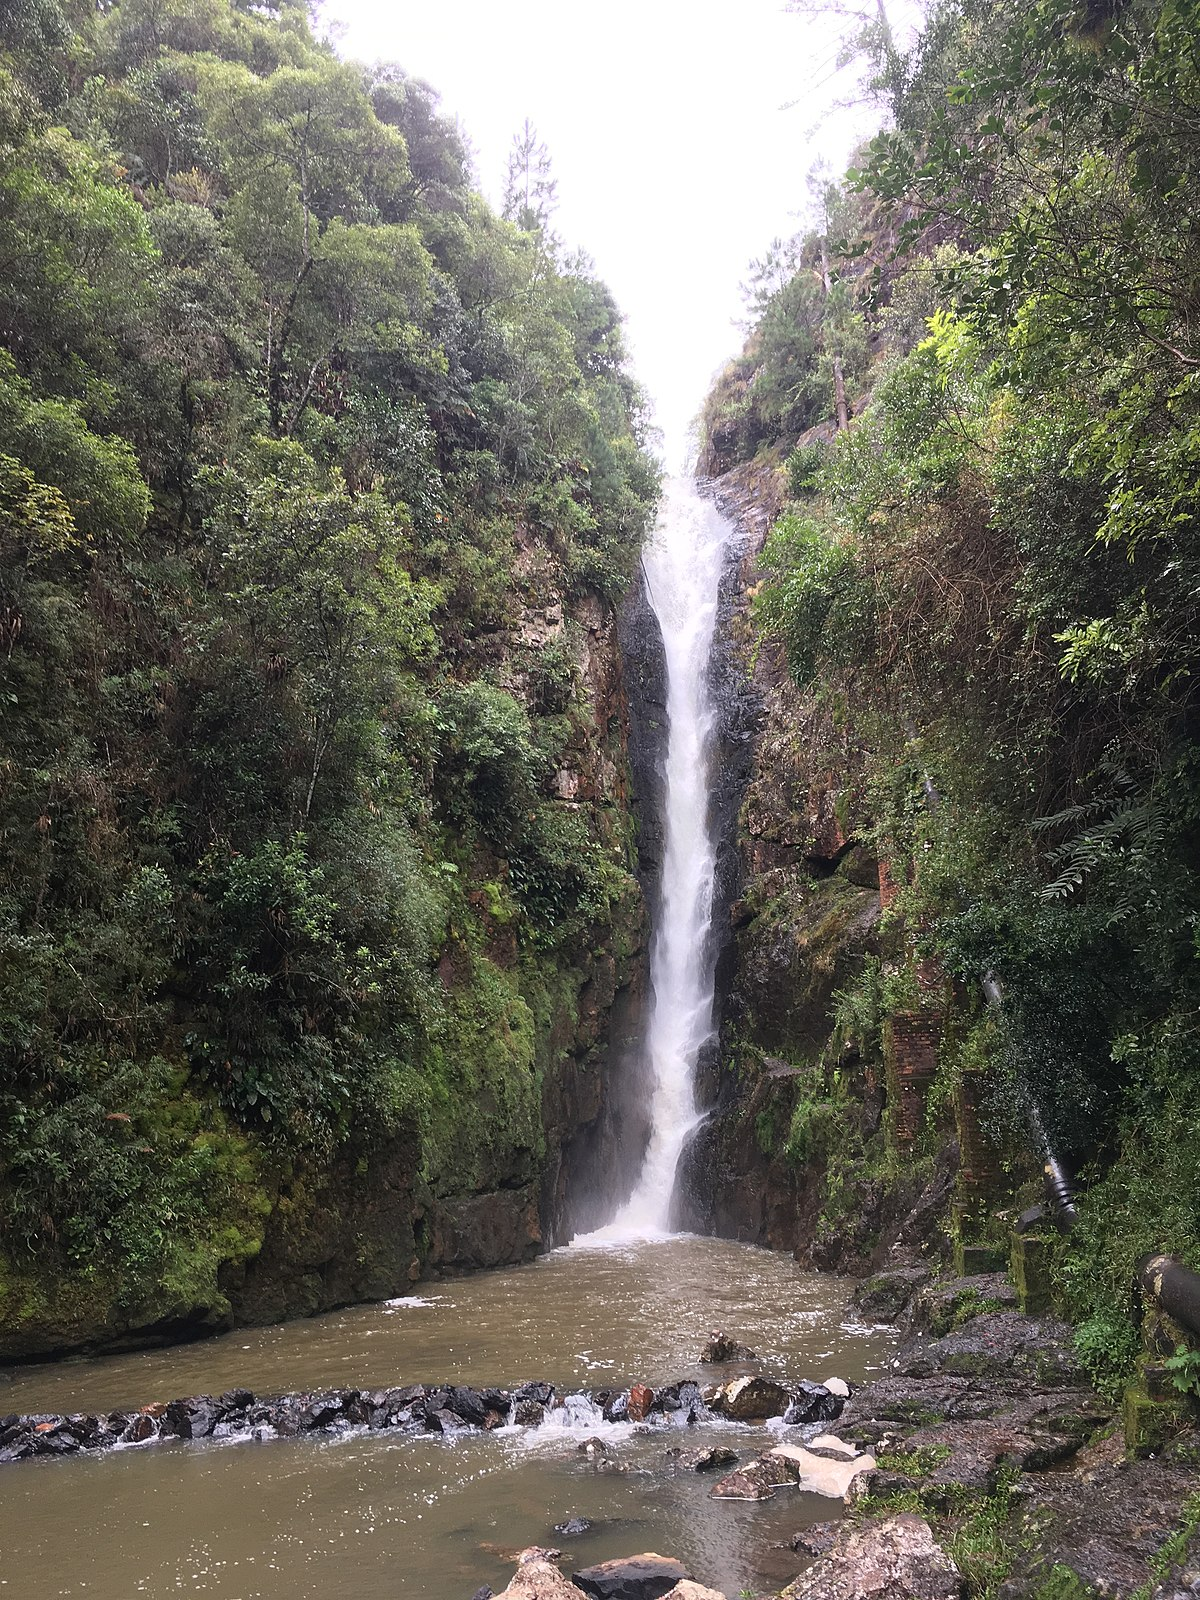 Campo Alegre Santa Catarina fonte: upload.wikimedia.org